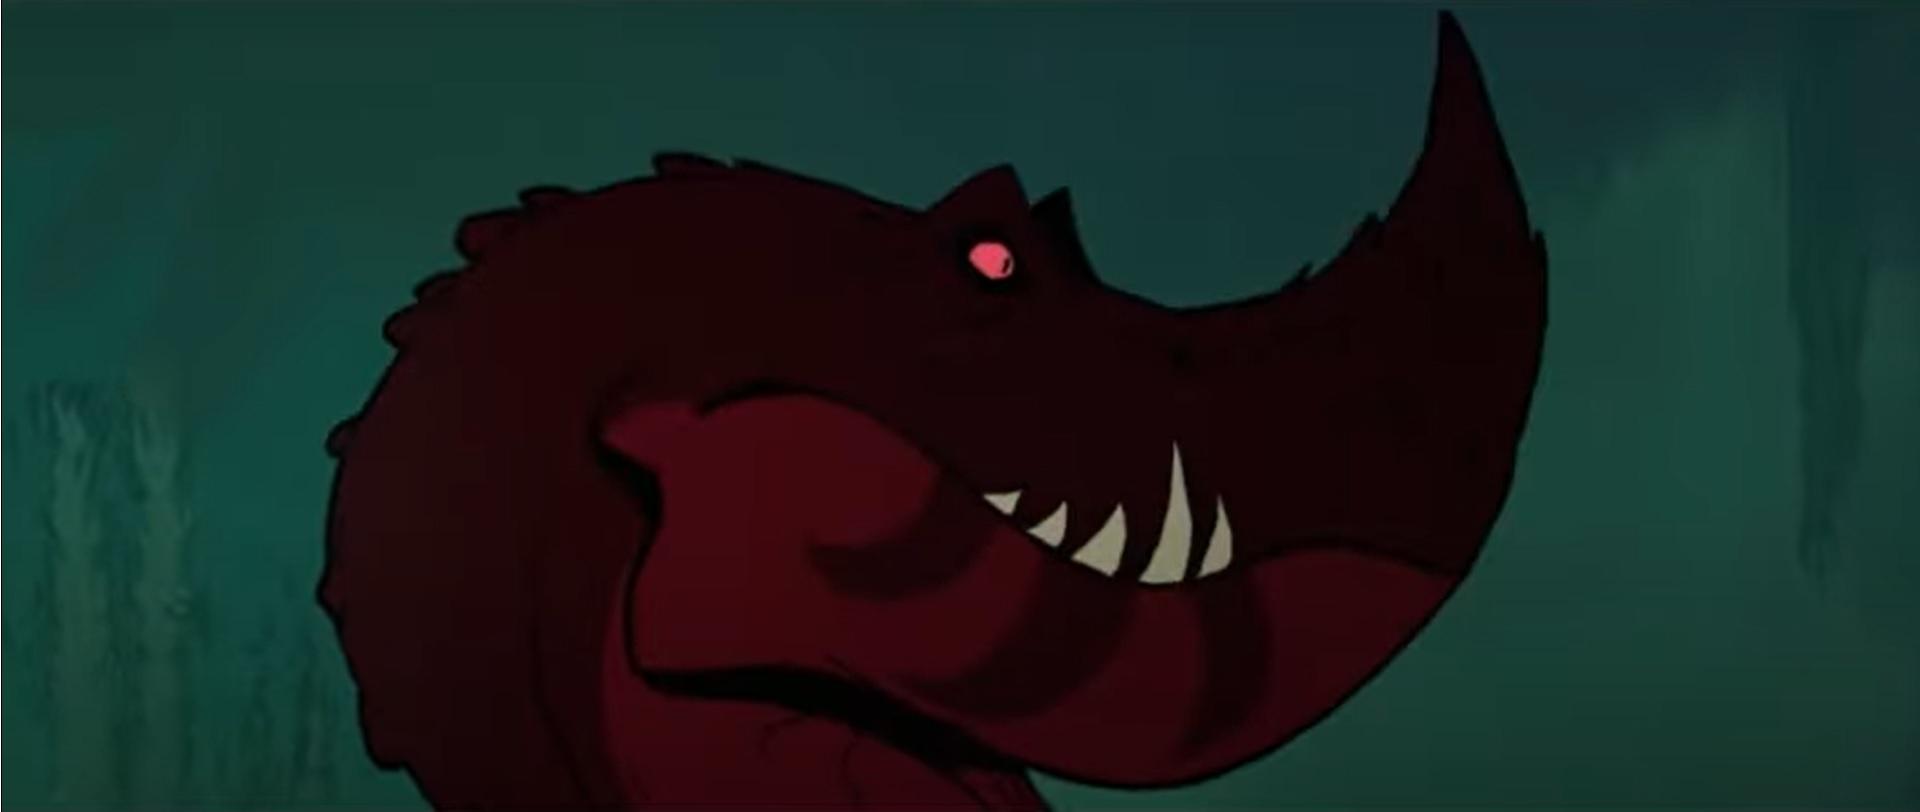 Alpha Diablosaurus